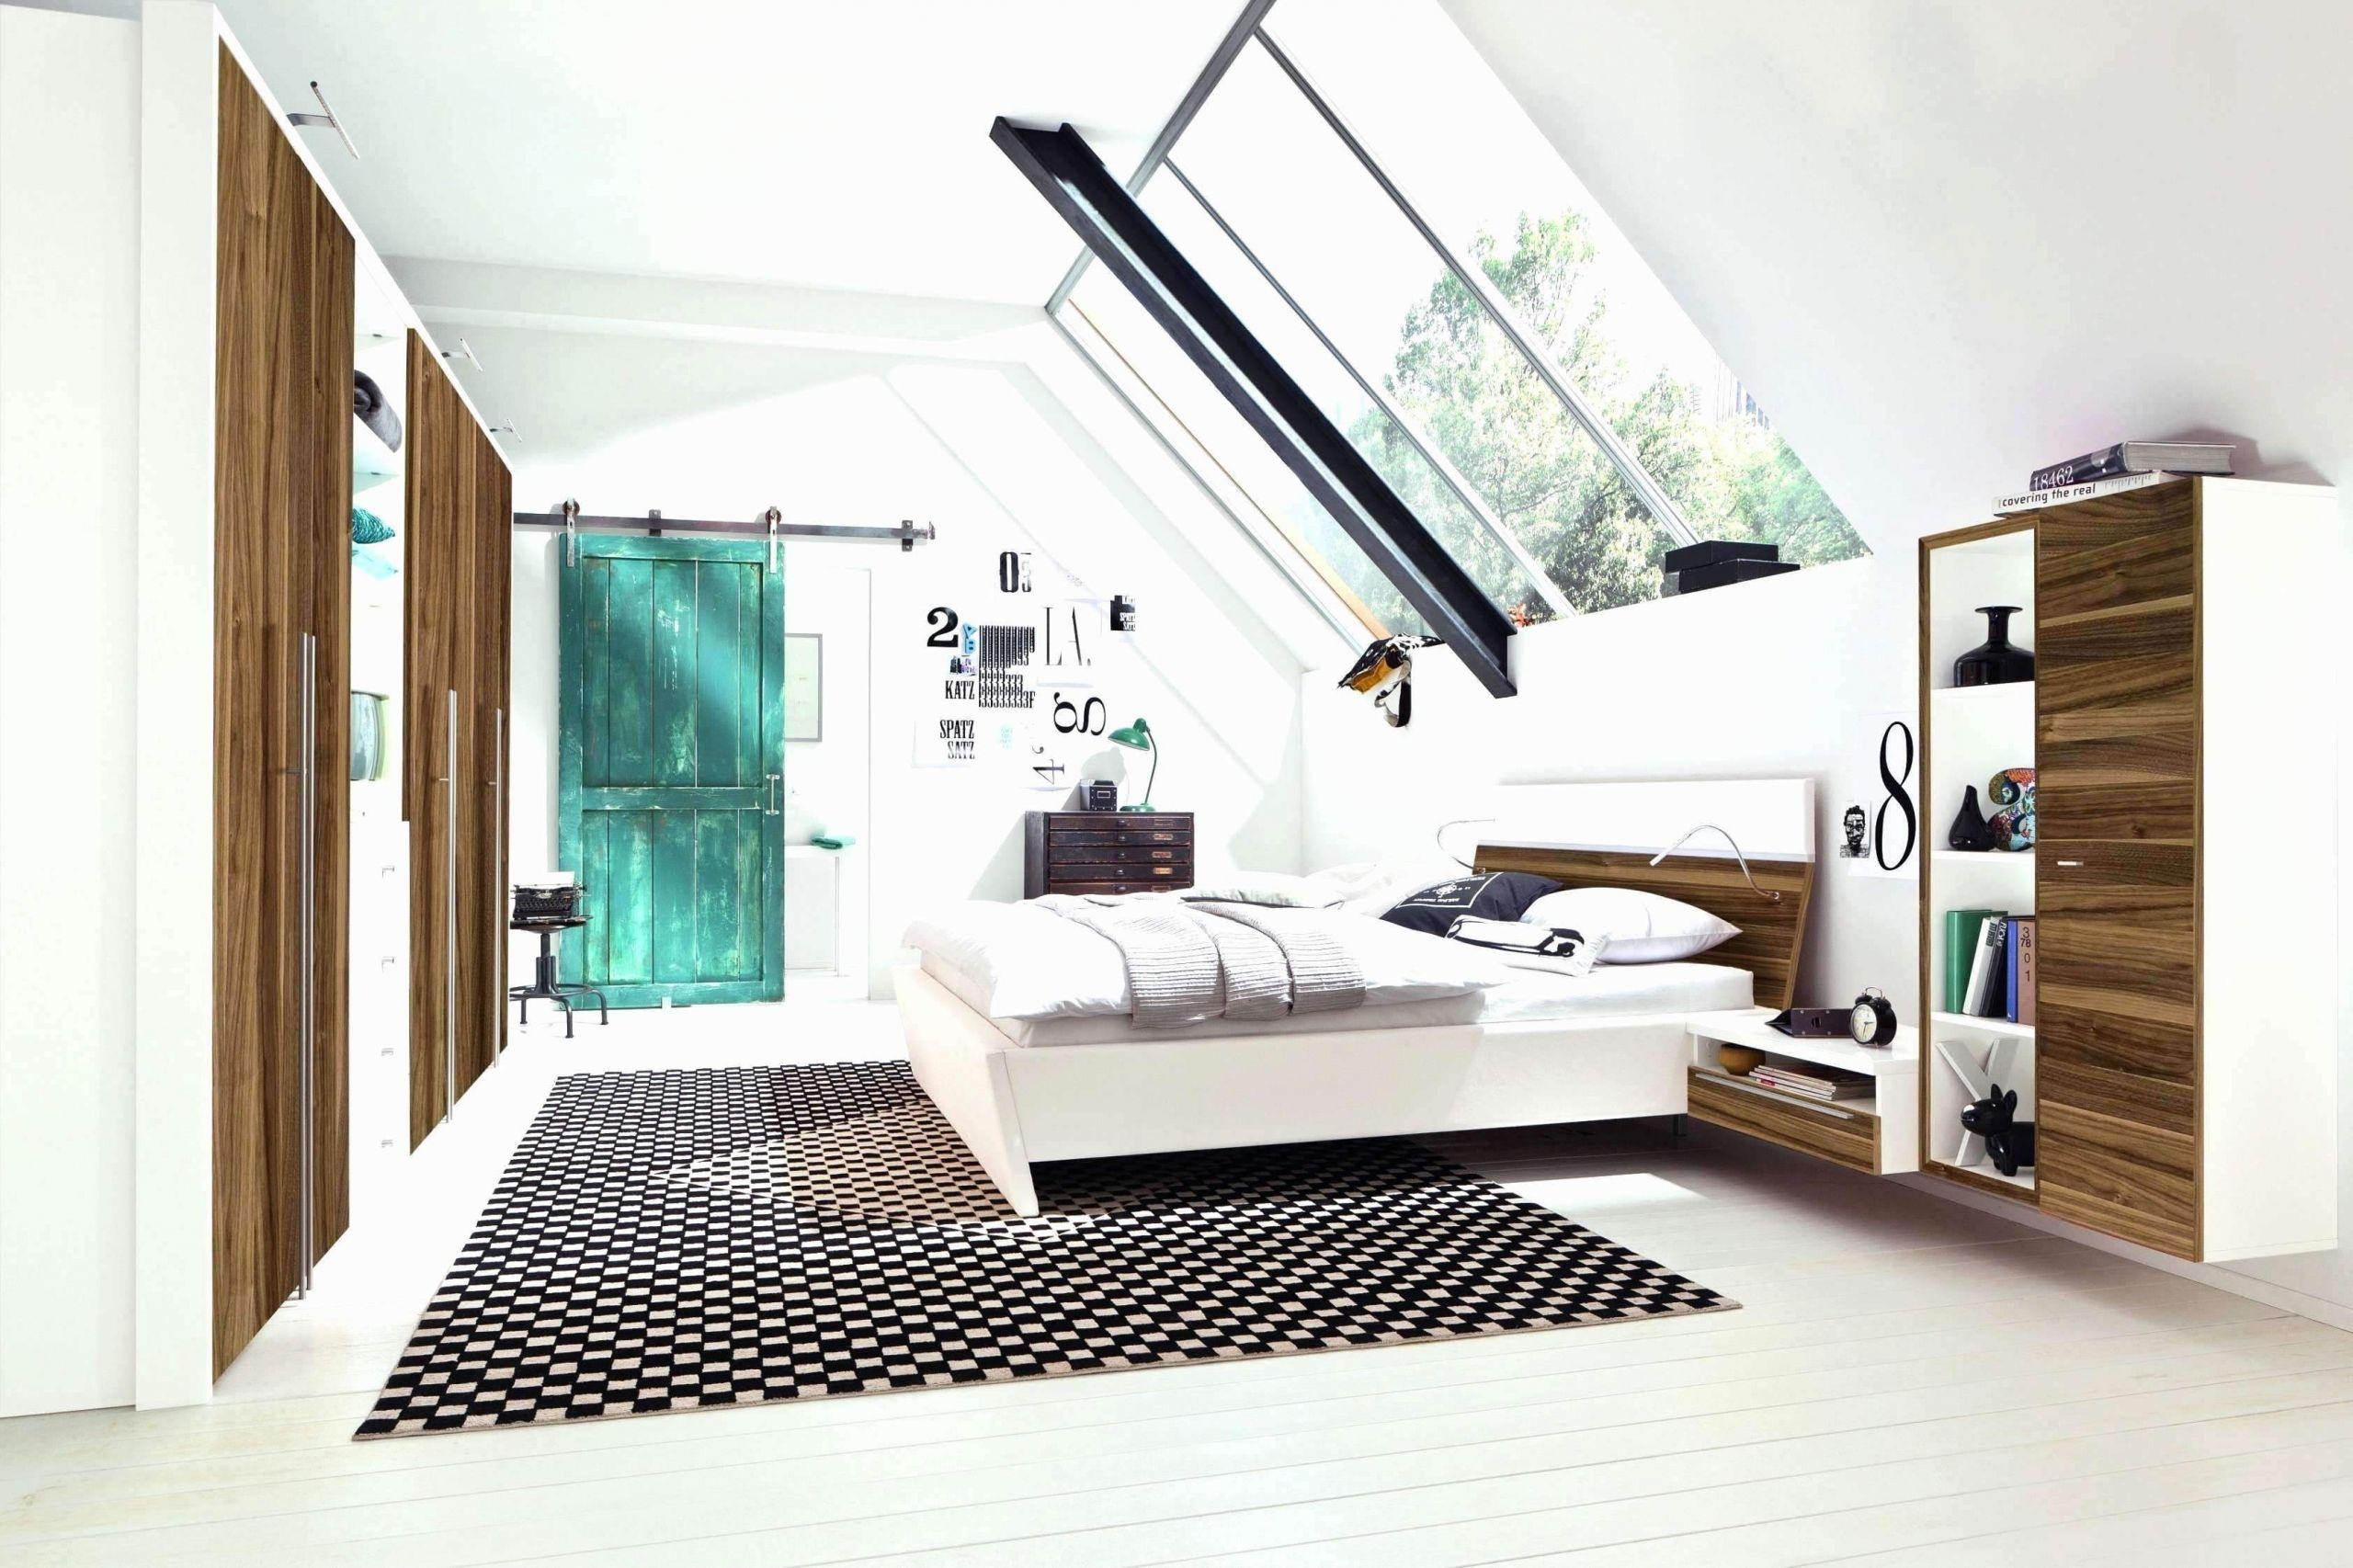 Holz Deko Online Shop Einzigartig 29 Reizend Wohnzimmer Deko Line Shop Inspirierend